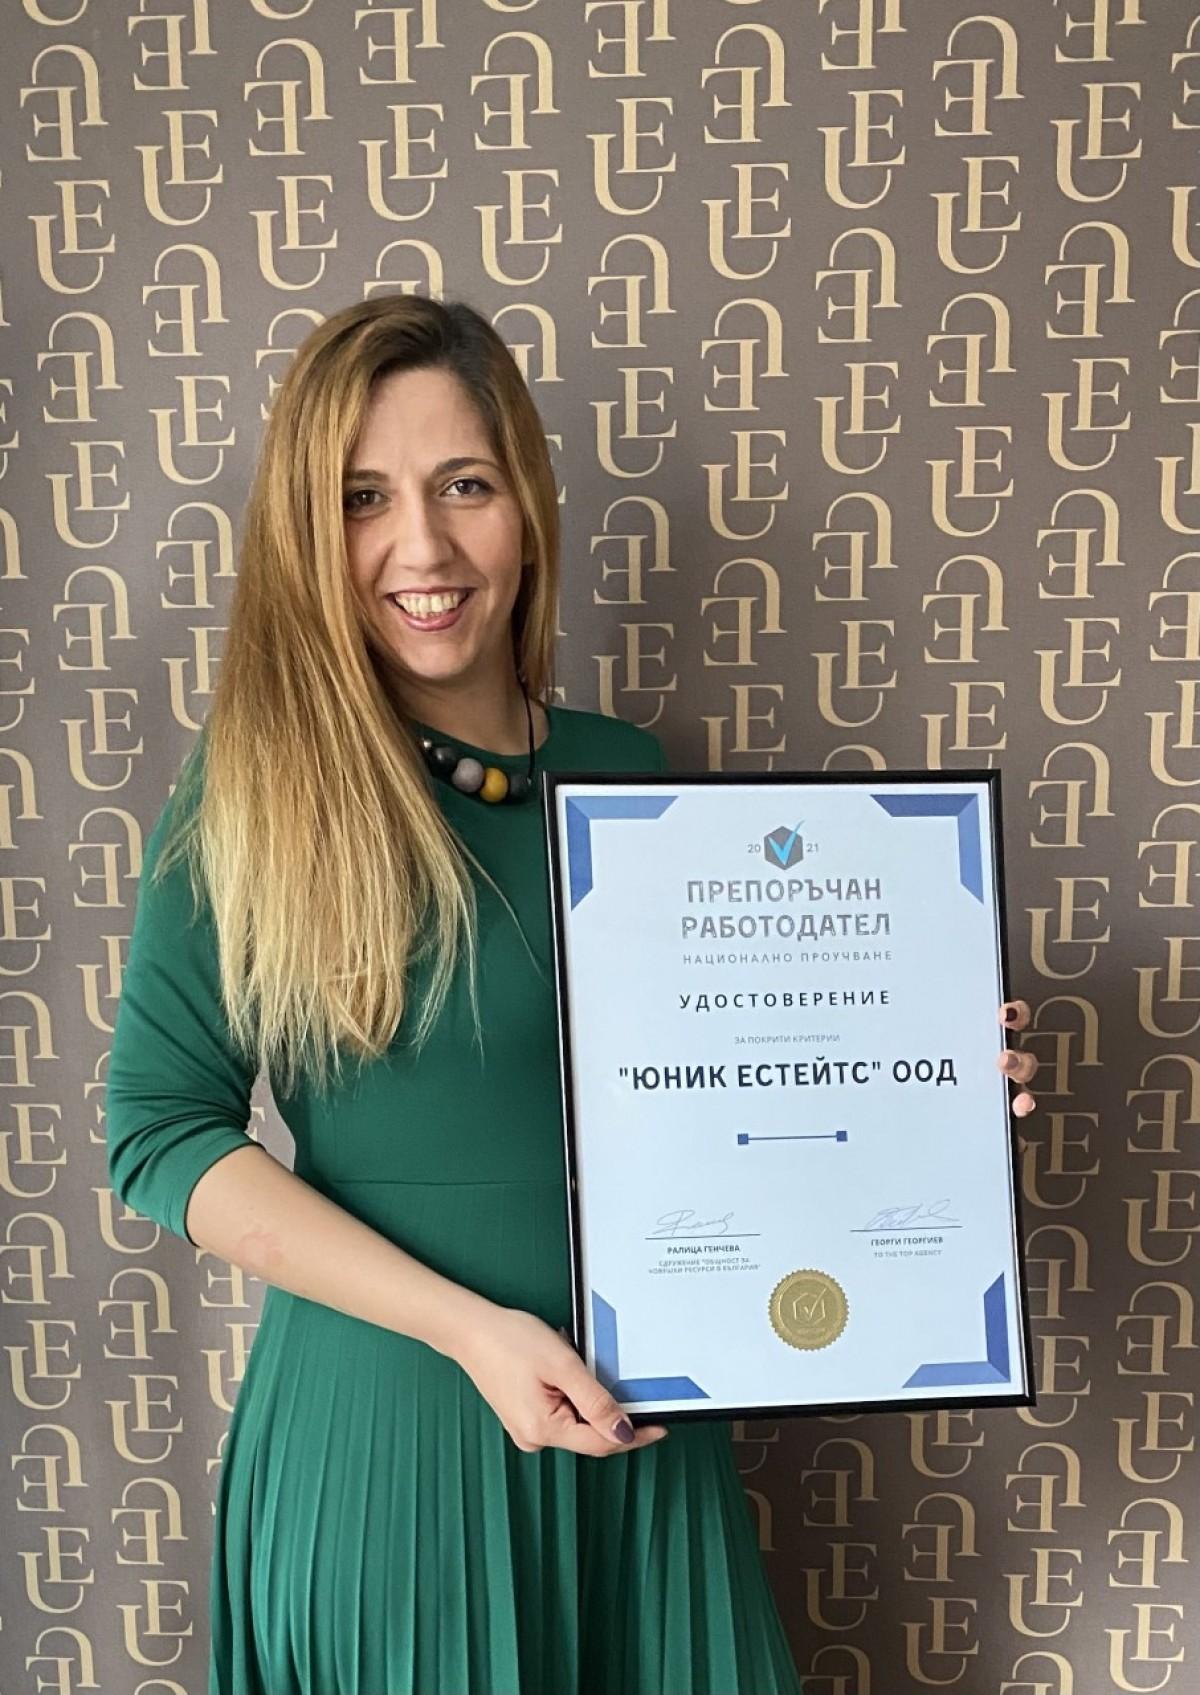 Unique Estates с награда за препоръчан работодател